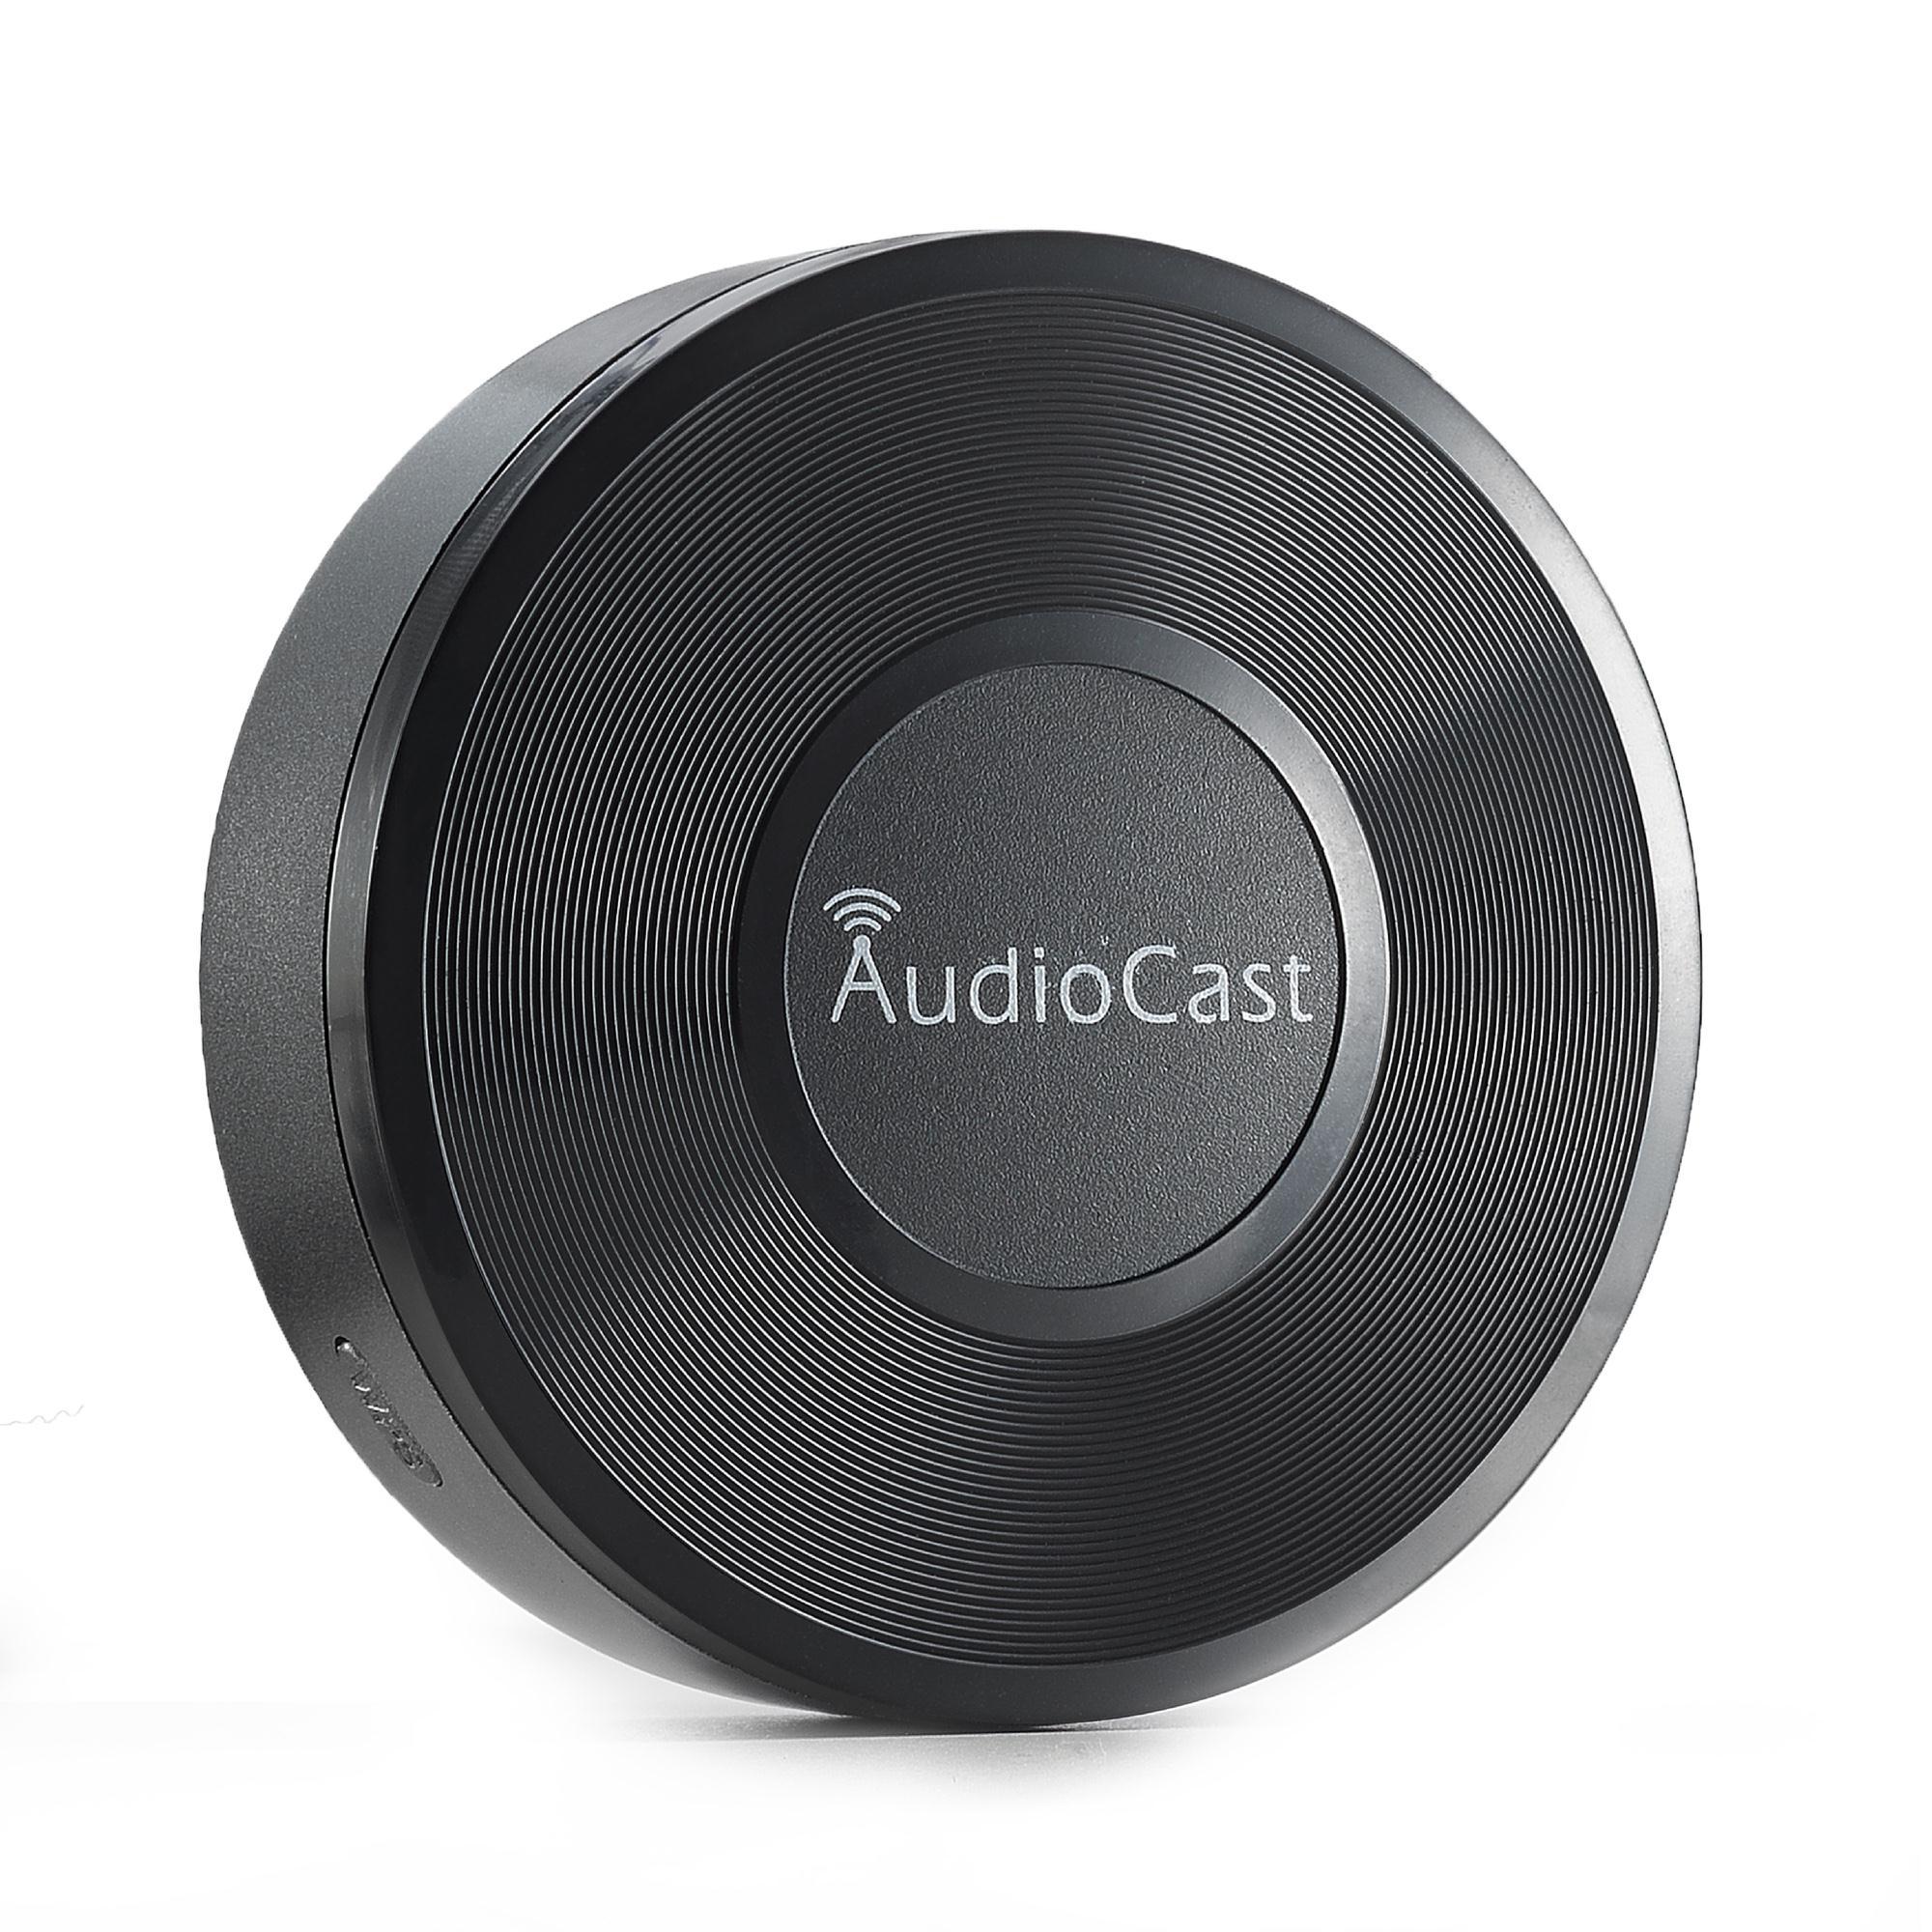 M5无线wifi音乐盒子AudioCast多房间播放 手机平板推送音频接收器